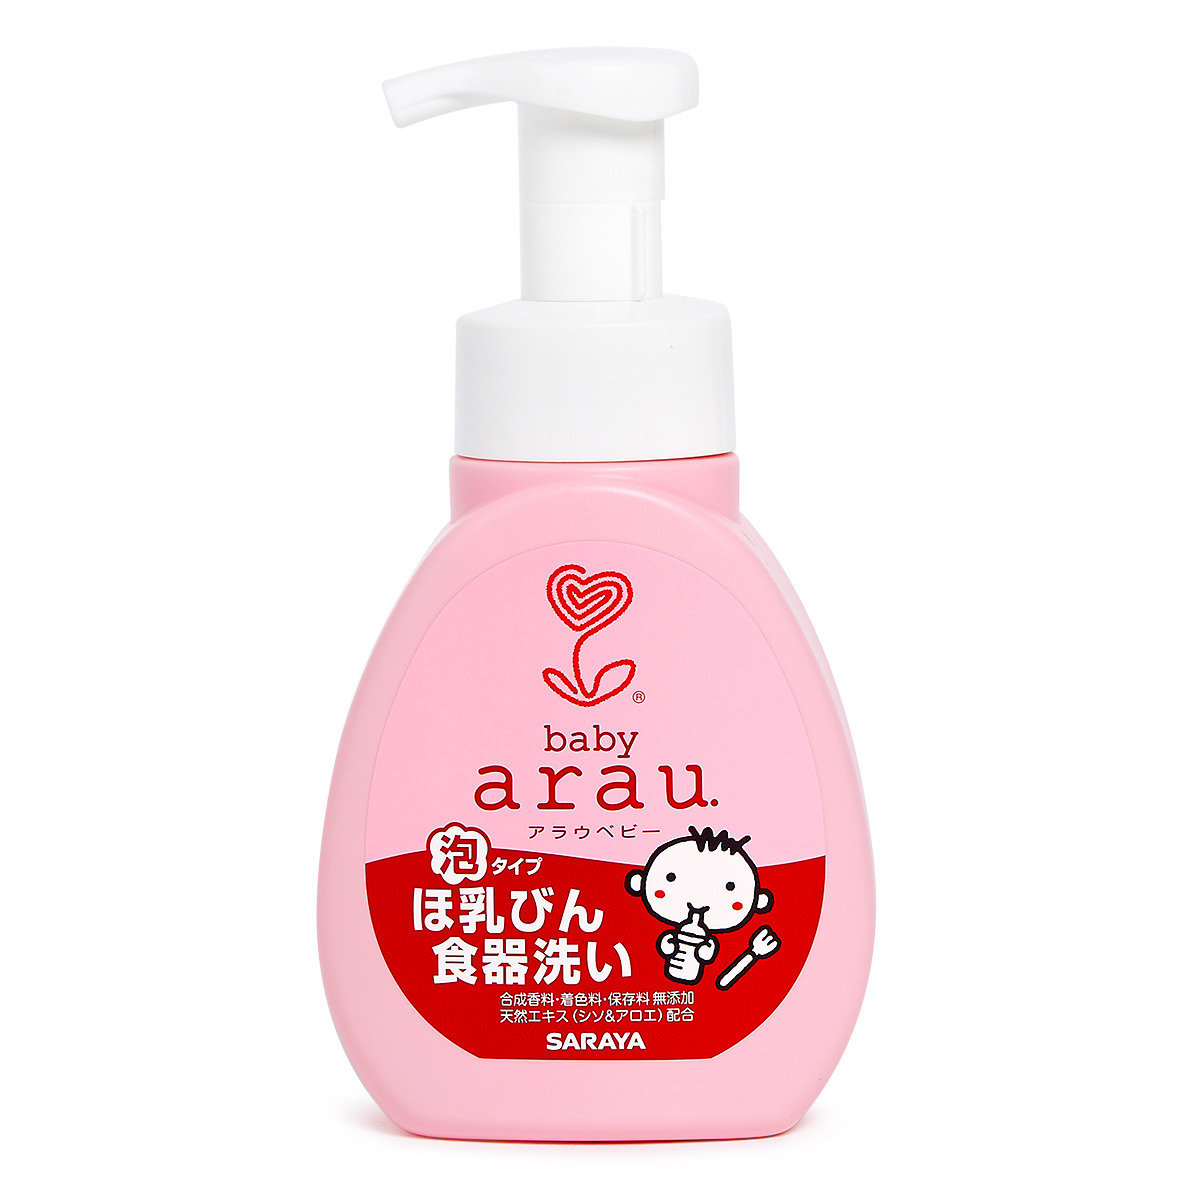 嬰兒奶瓶清潔泡泡